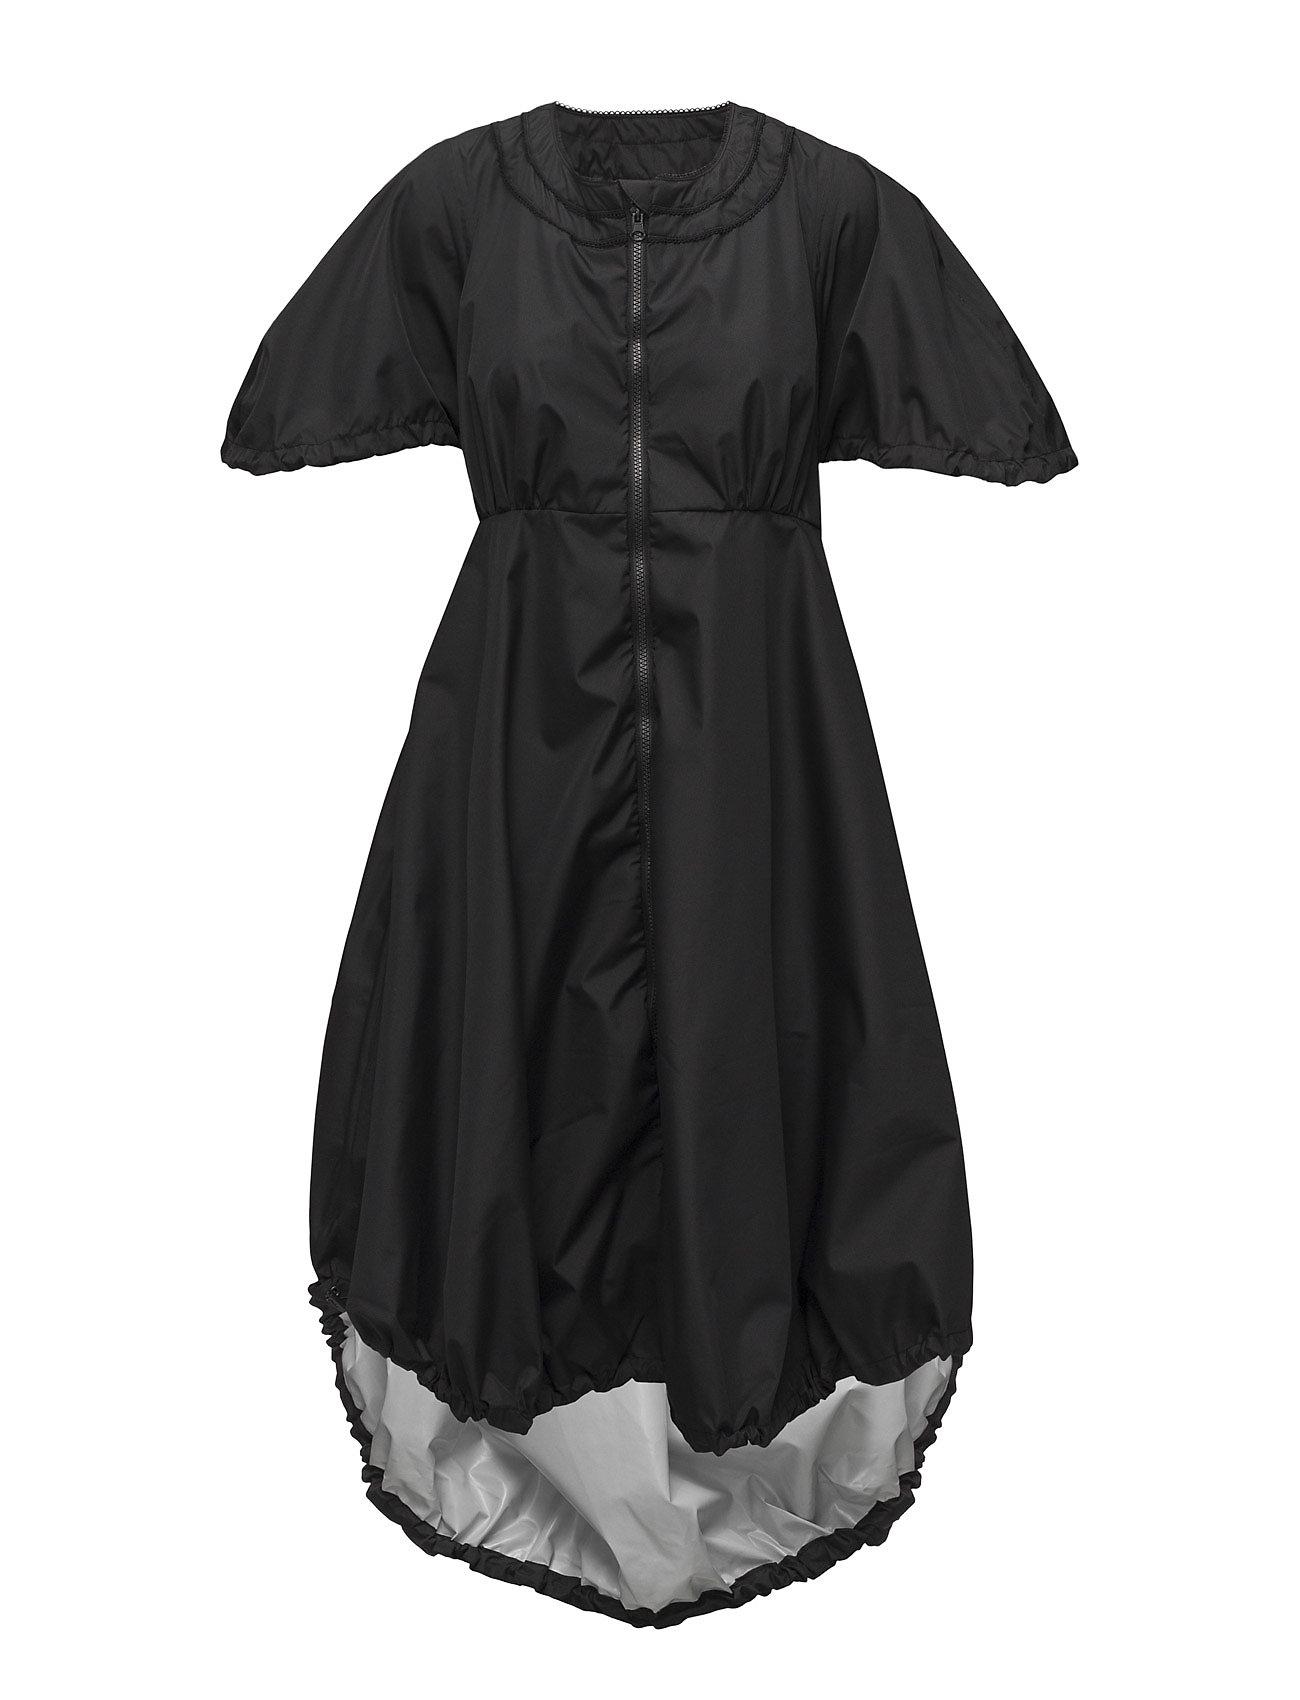 Womens Rain Dress Ilse Jacobsen by Emma Jorn Regntøj til Kvinder i Sort